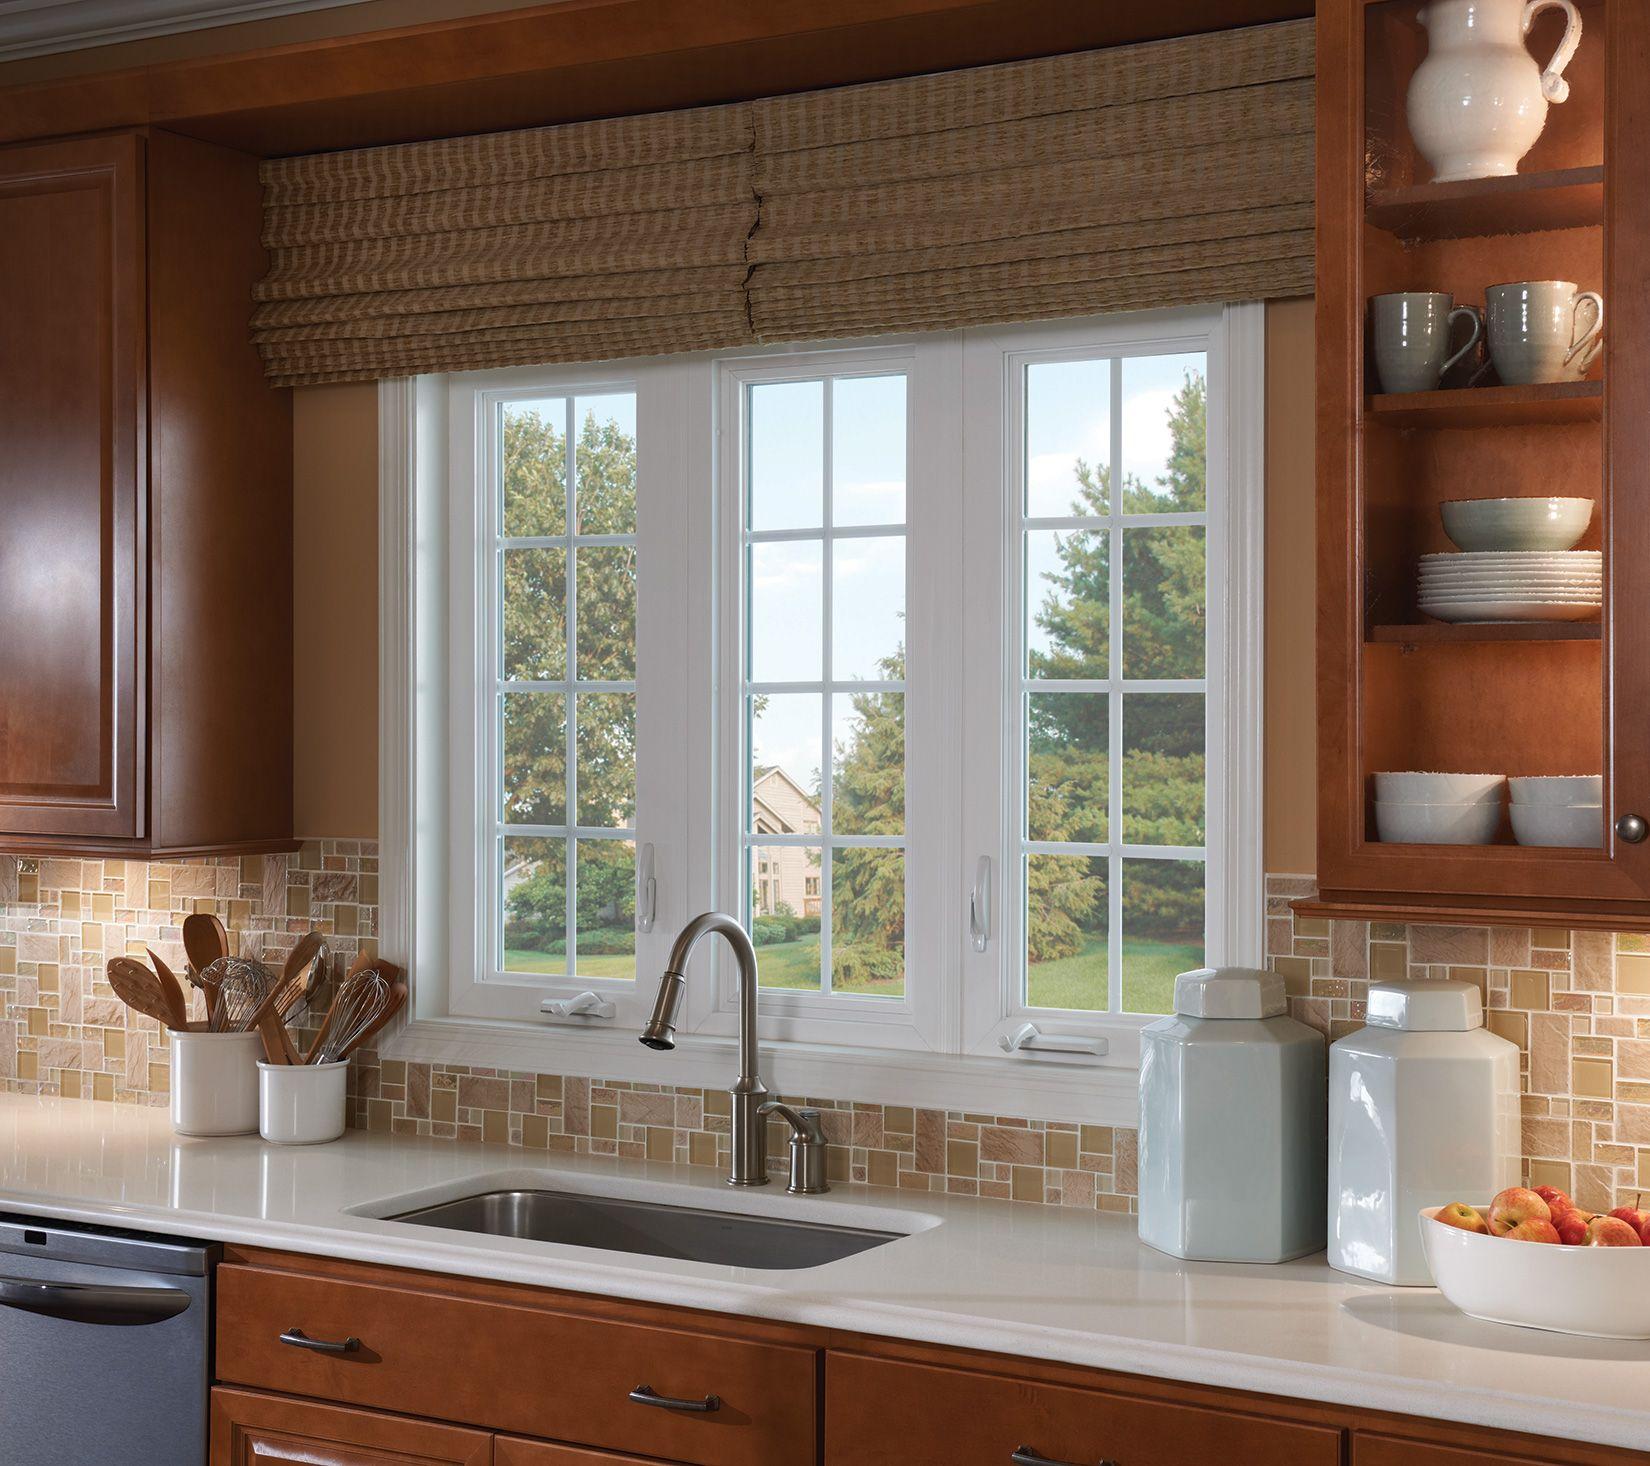 Garden Kitchen Windows Bay Window Above Kitchen Sink: Stronger, Better, Cooler, Effecient Windows